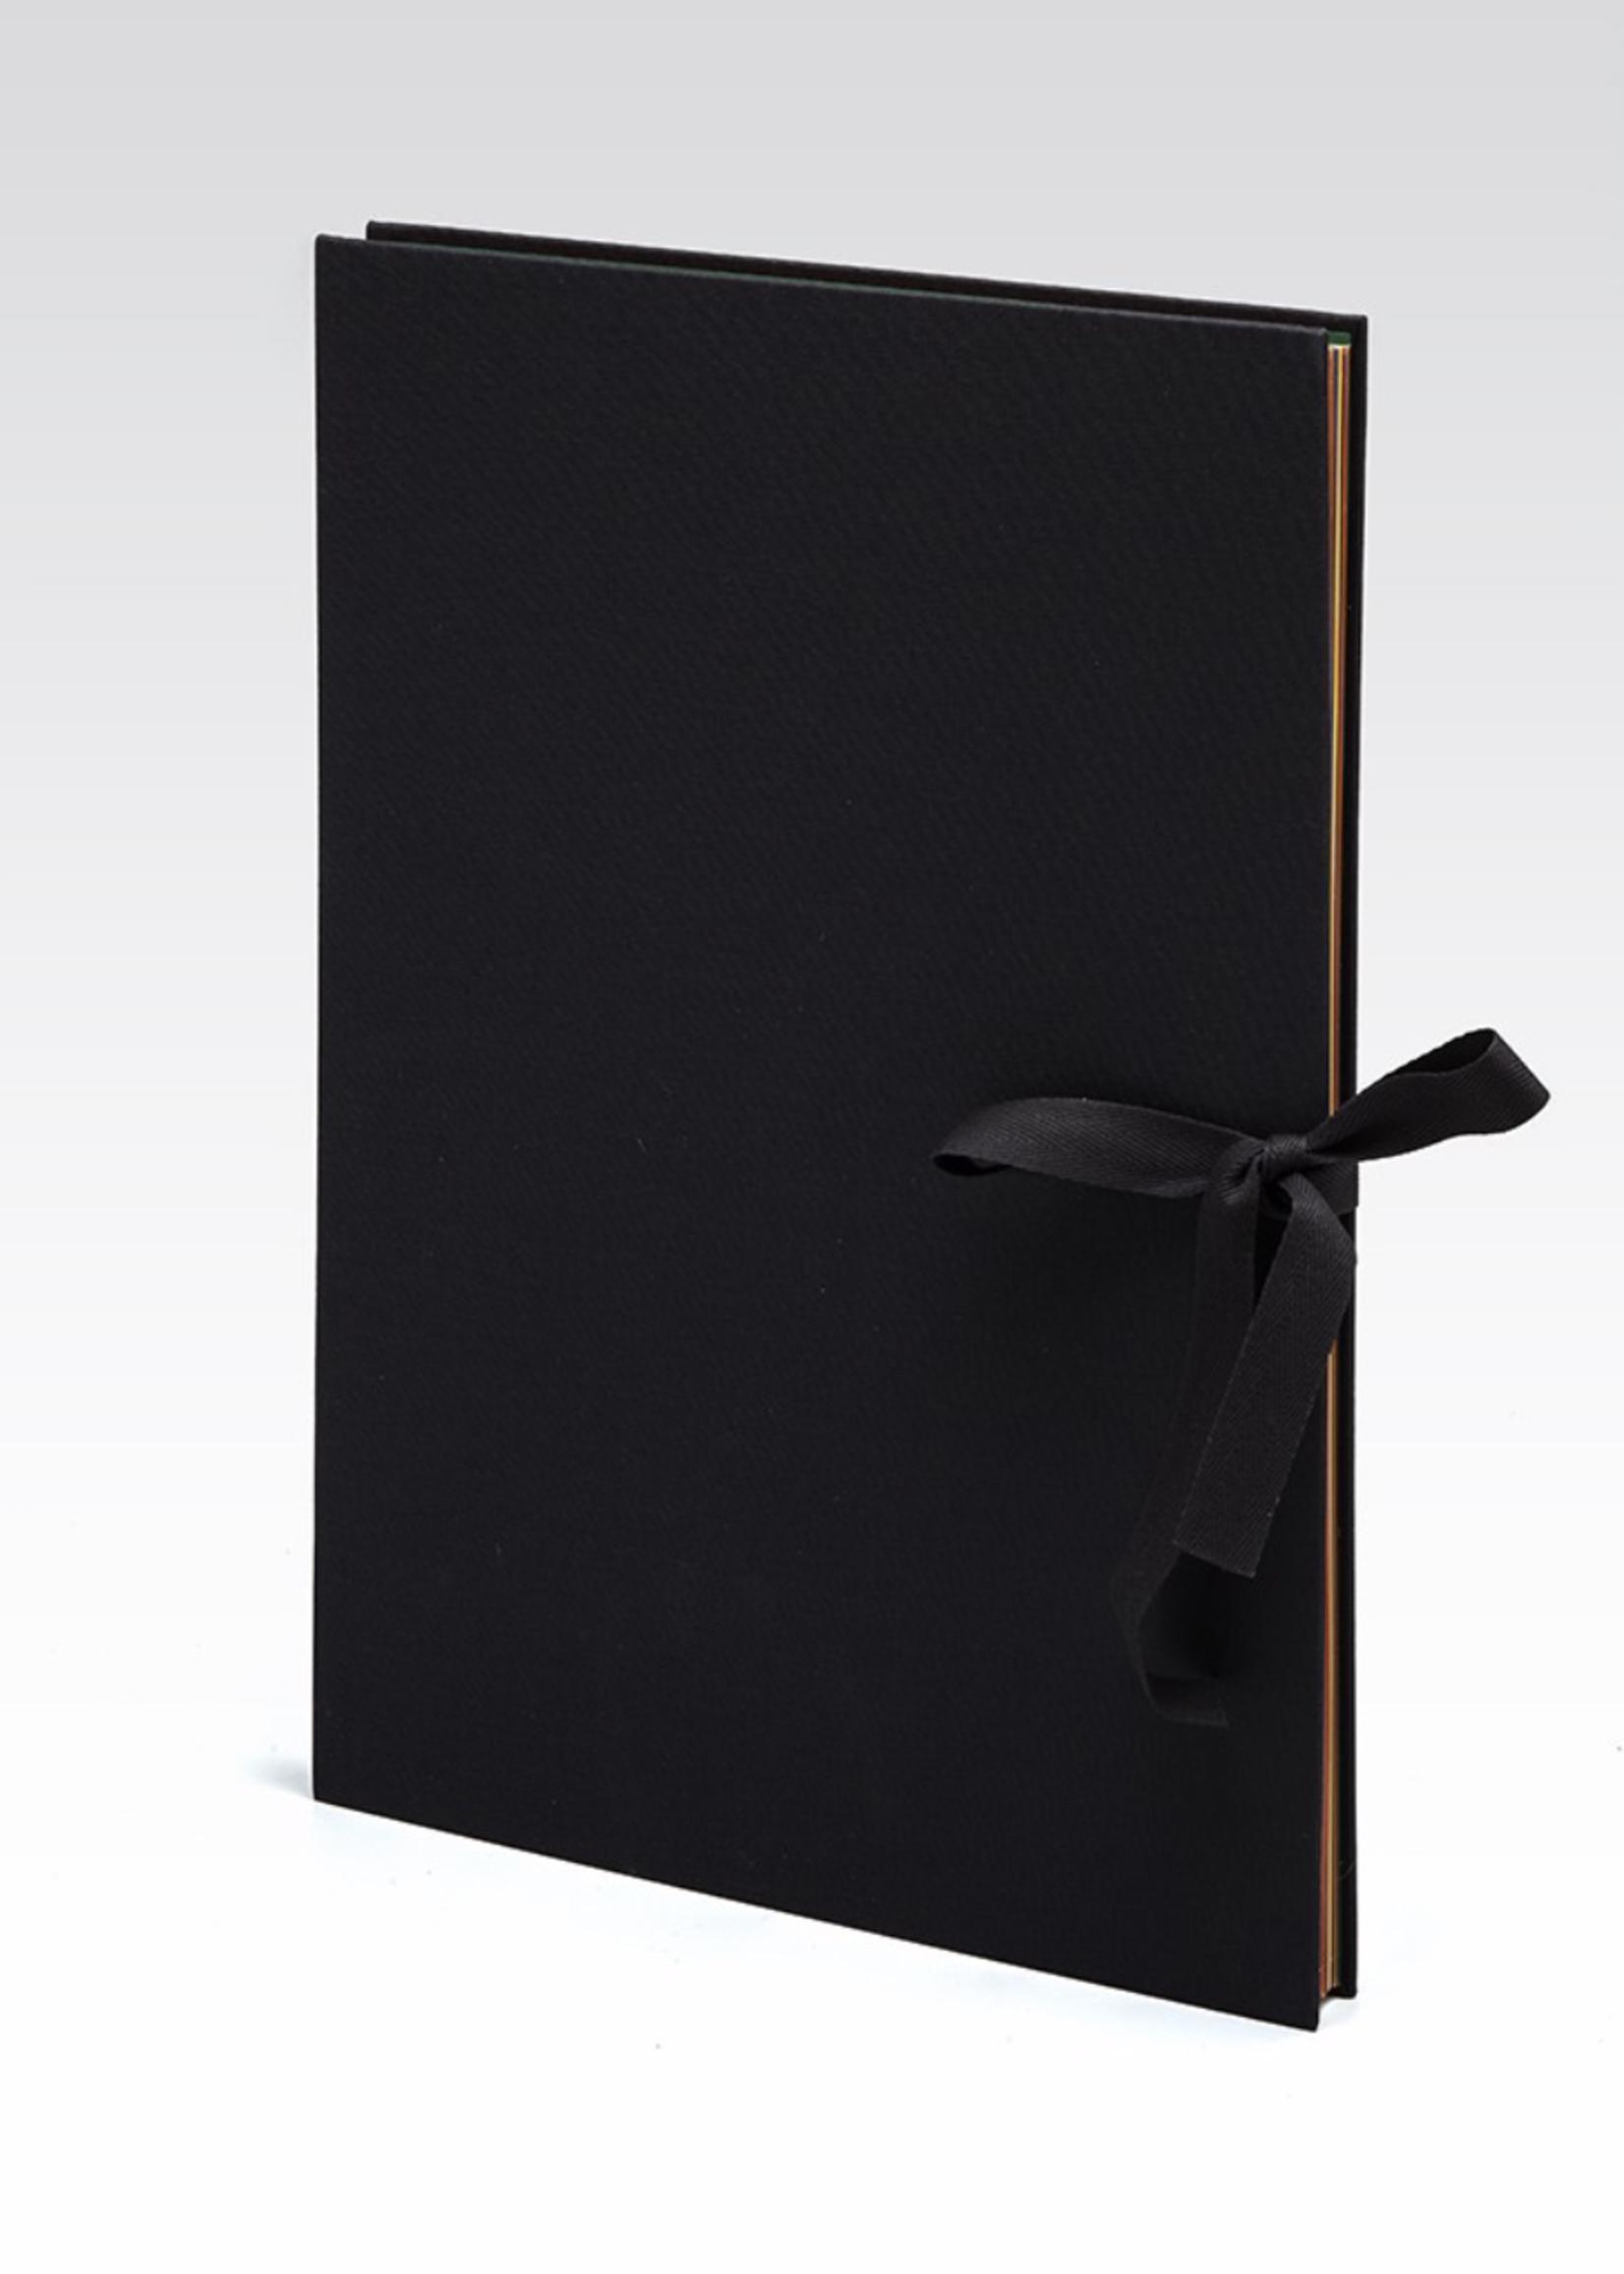 Fabriano Fabriano Multicolored Folder - Black